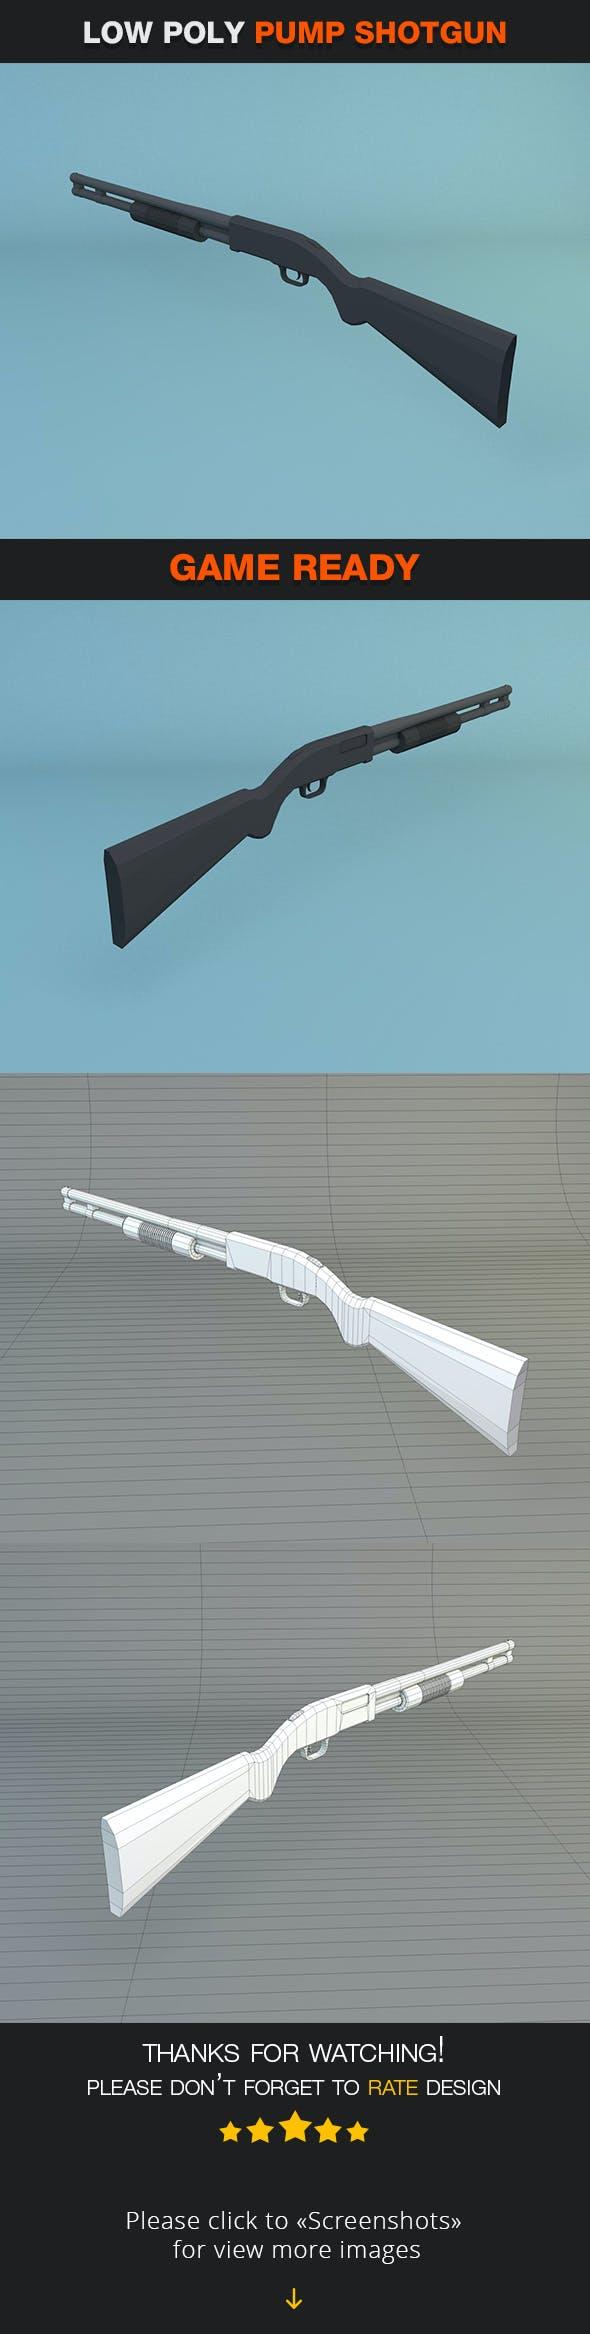 Low Poly Pump Shotgun - 3DOcean Item for Sale